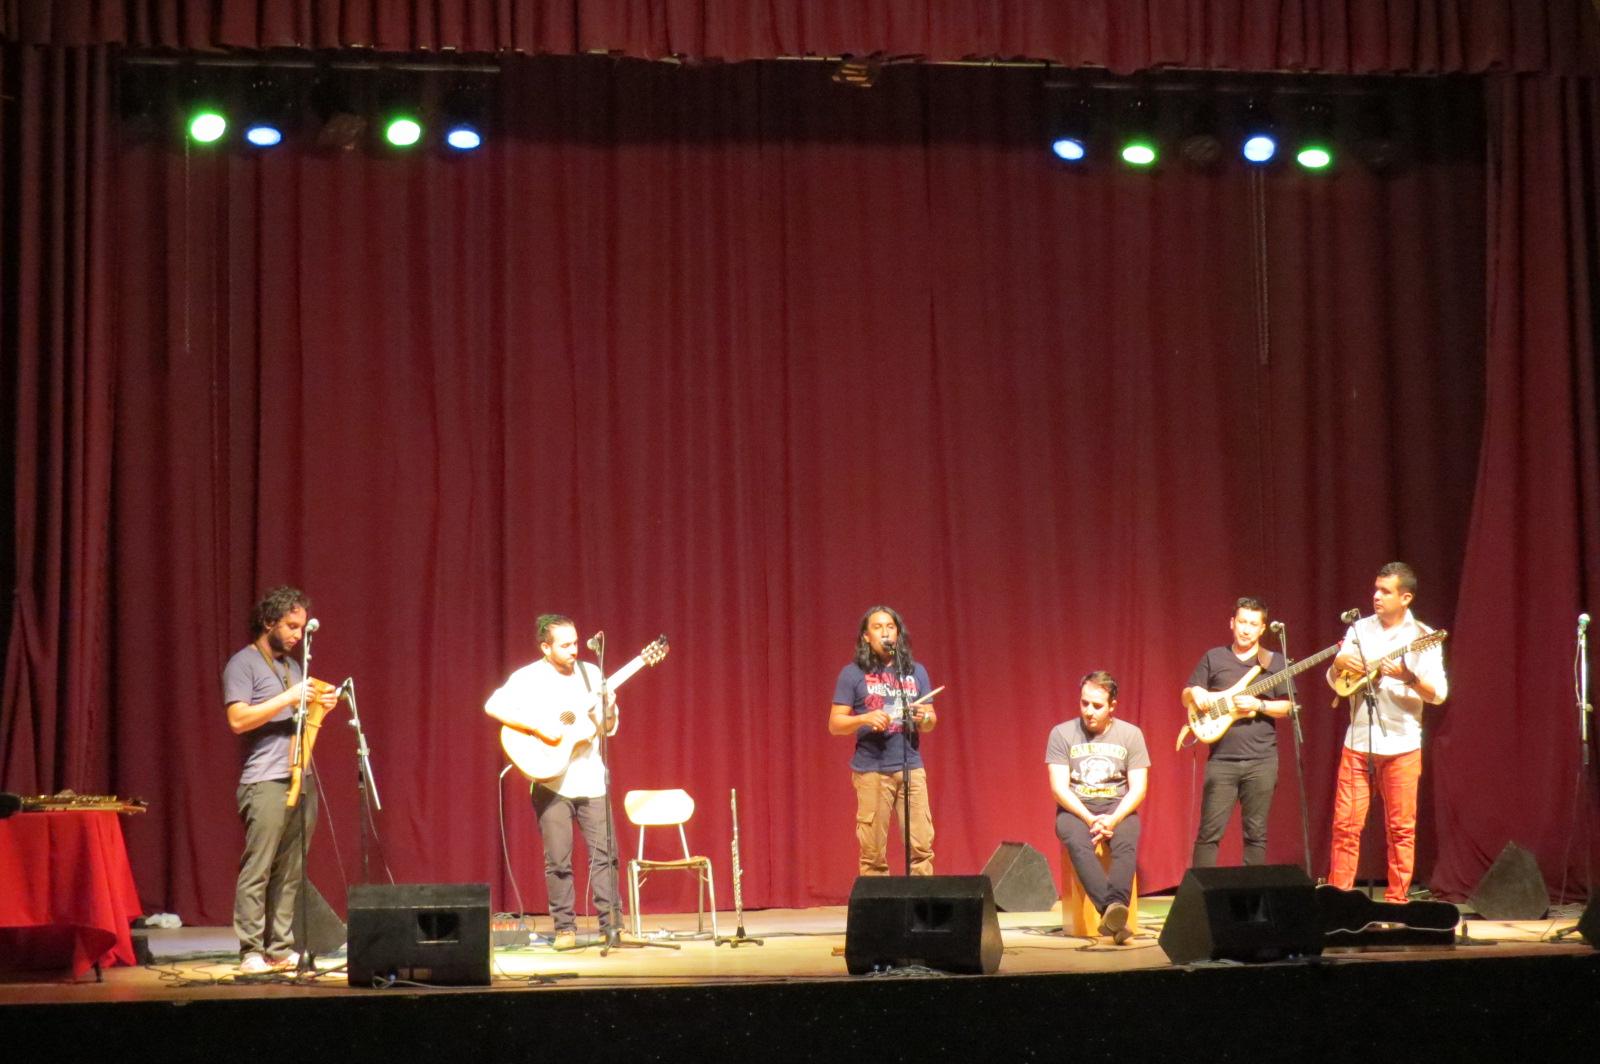 Illary de Colombia en concierto didáctico para alumnos del colegio Talacanta de Talagante